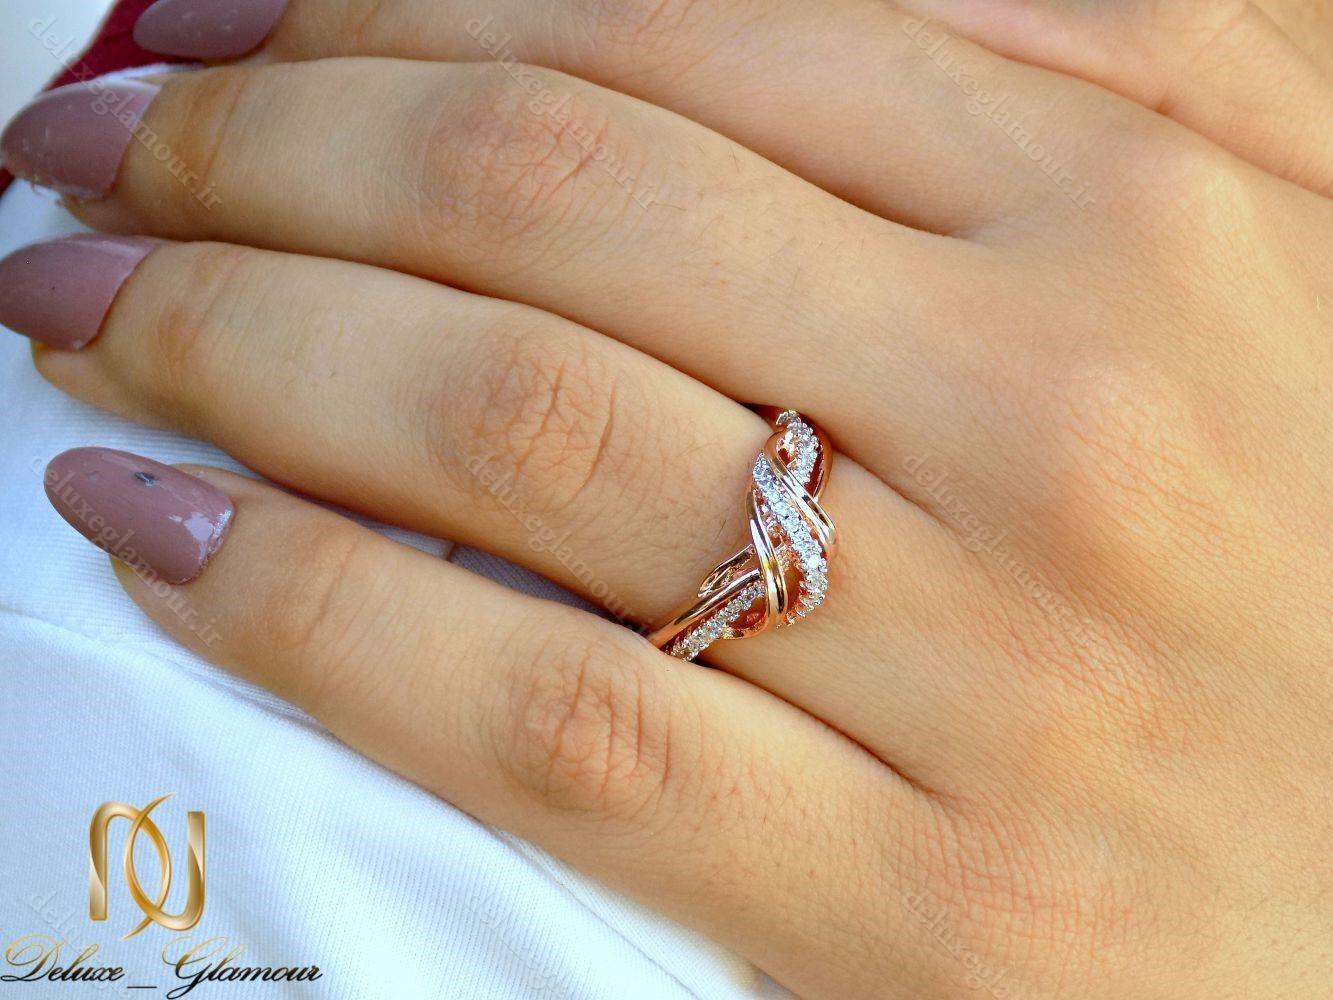 انگشتر دخترانه جواهری رزگلد کلیو با نگین های سواروسکی اصل rg-n229